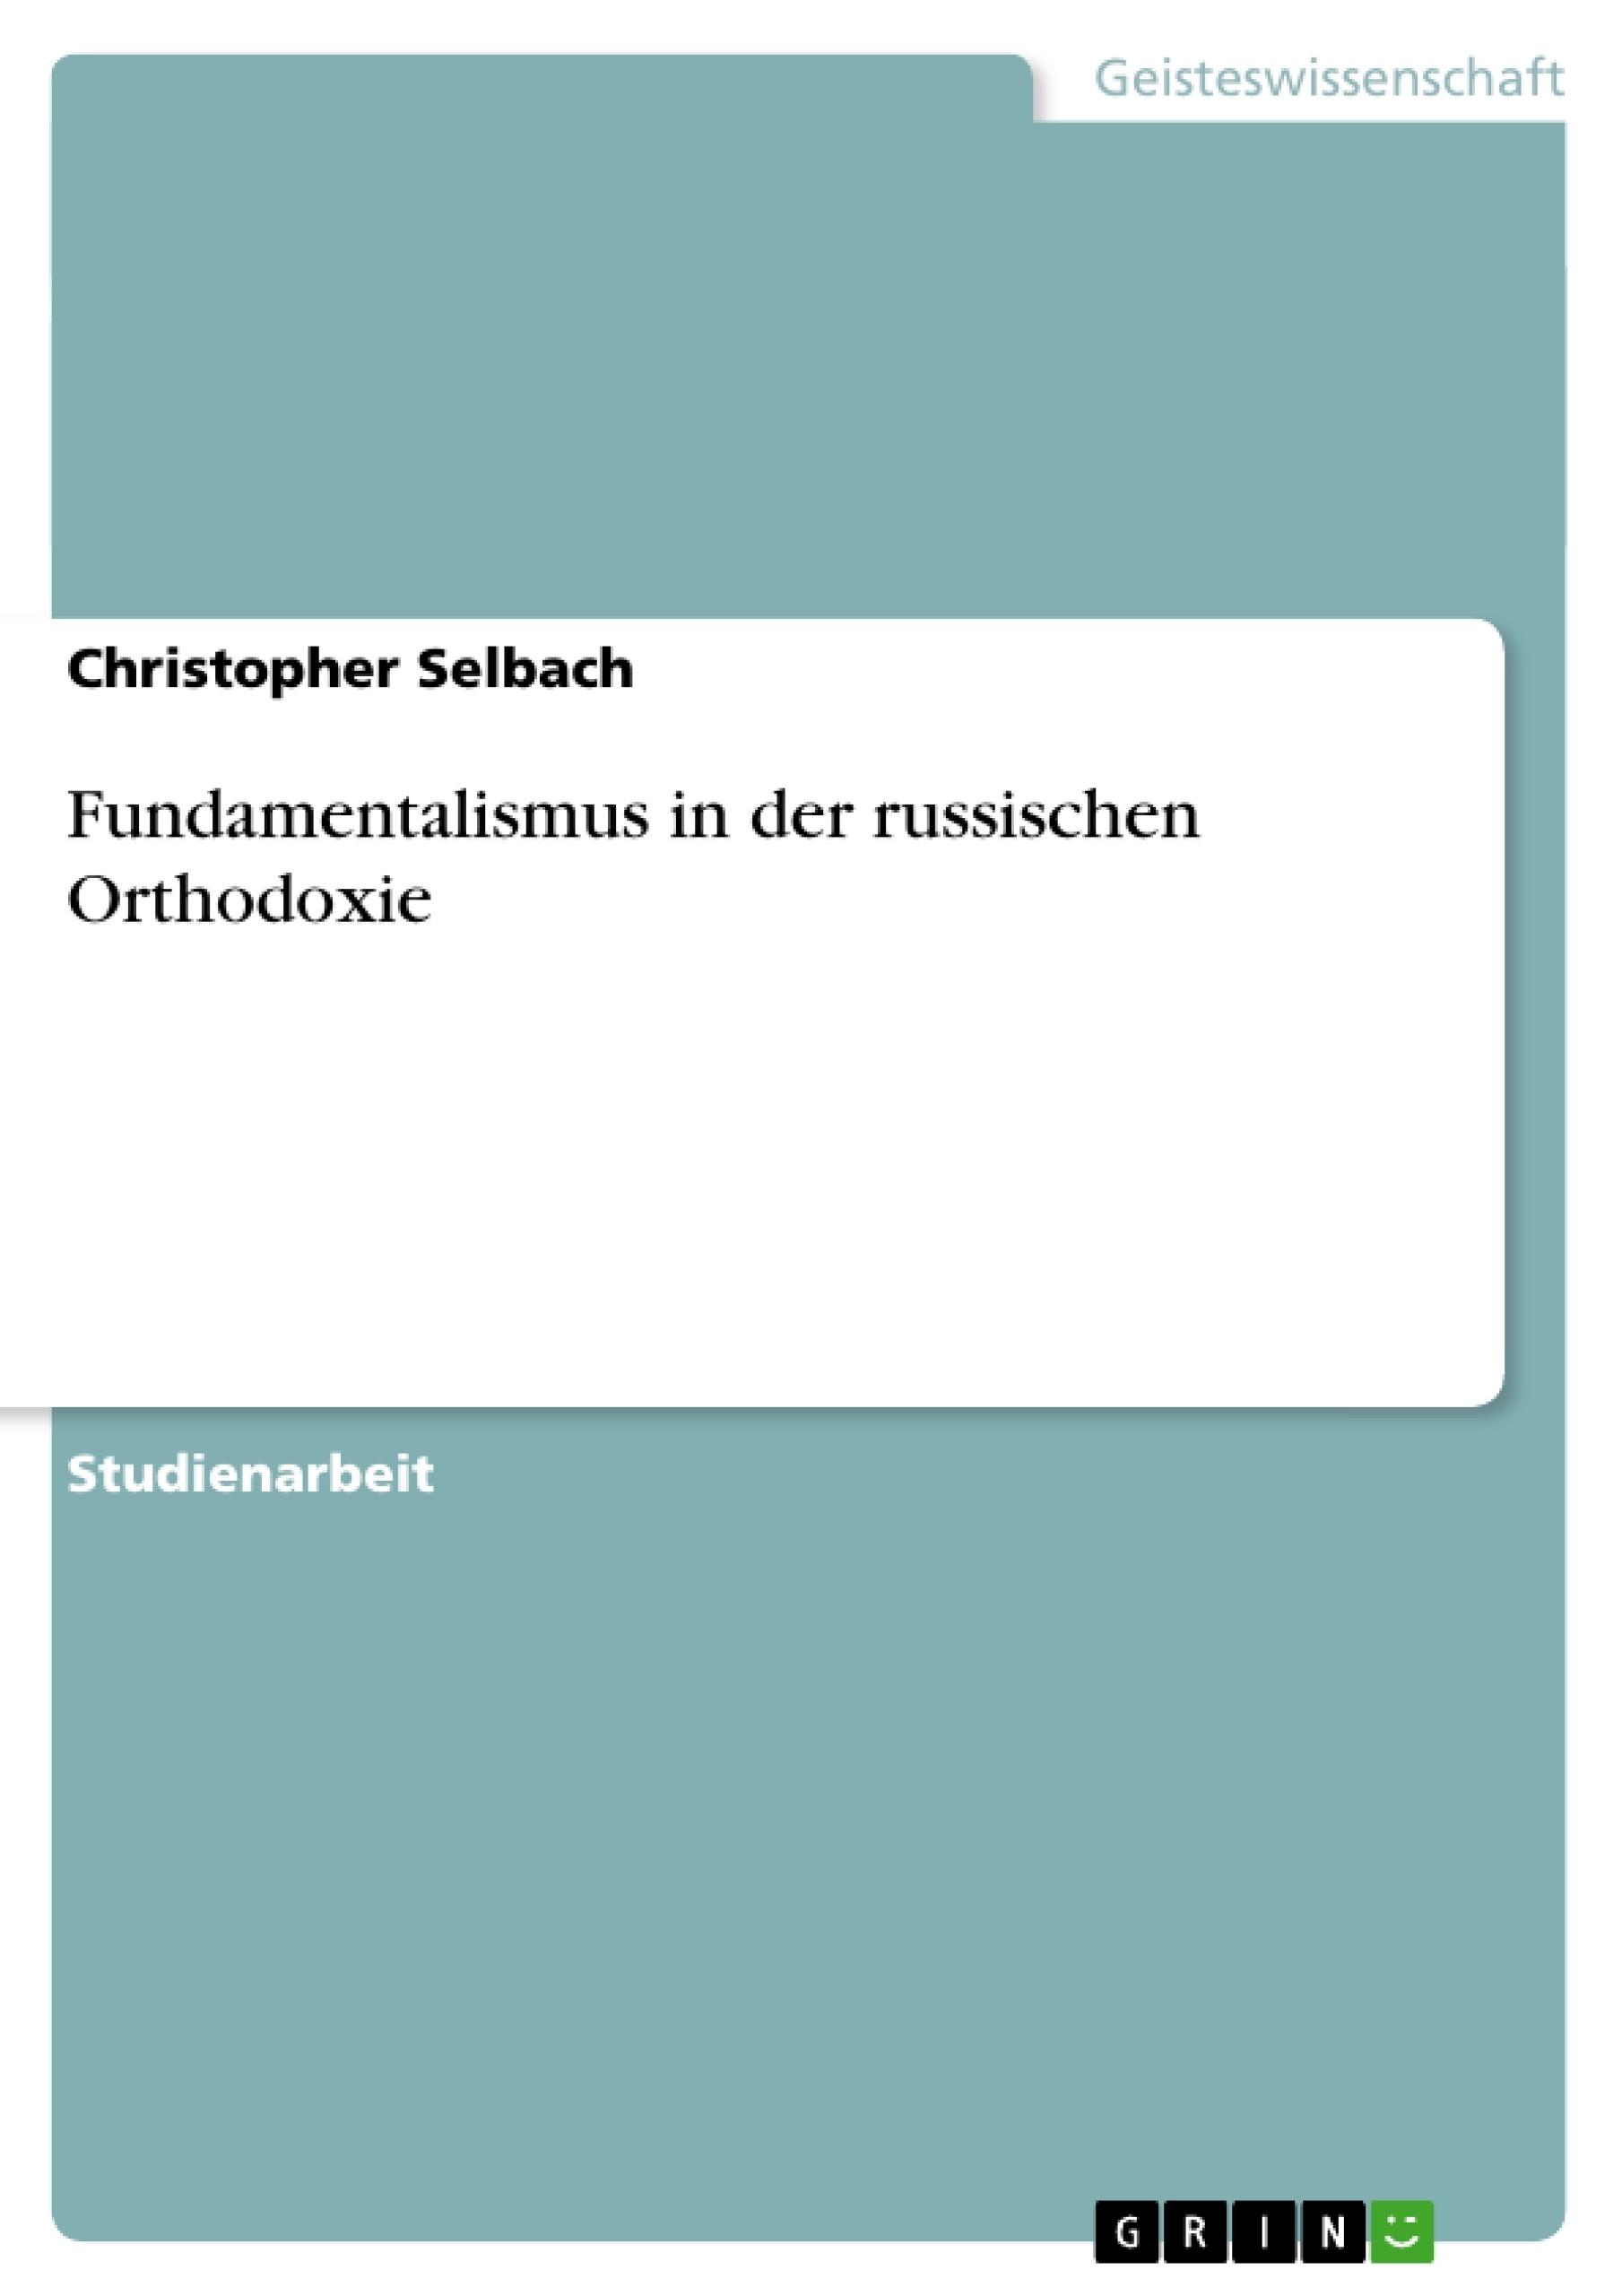 Titel: Fundamentalismus in der russischen Orthodoxie